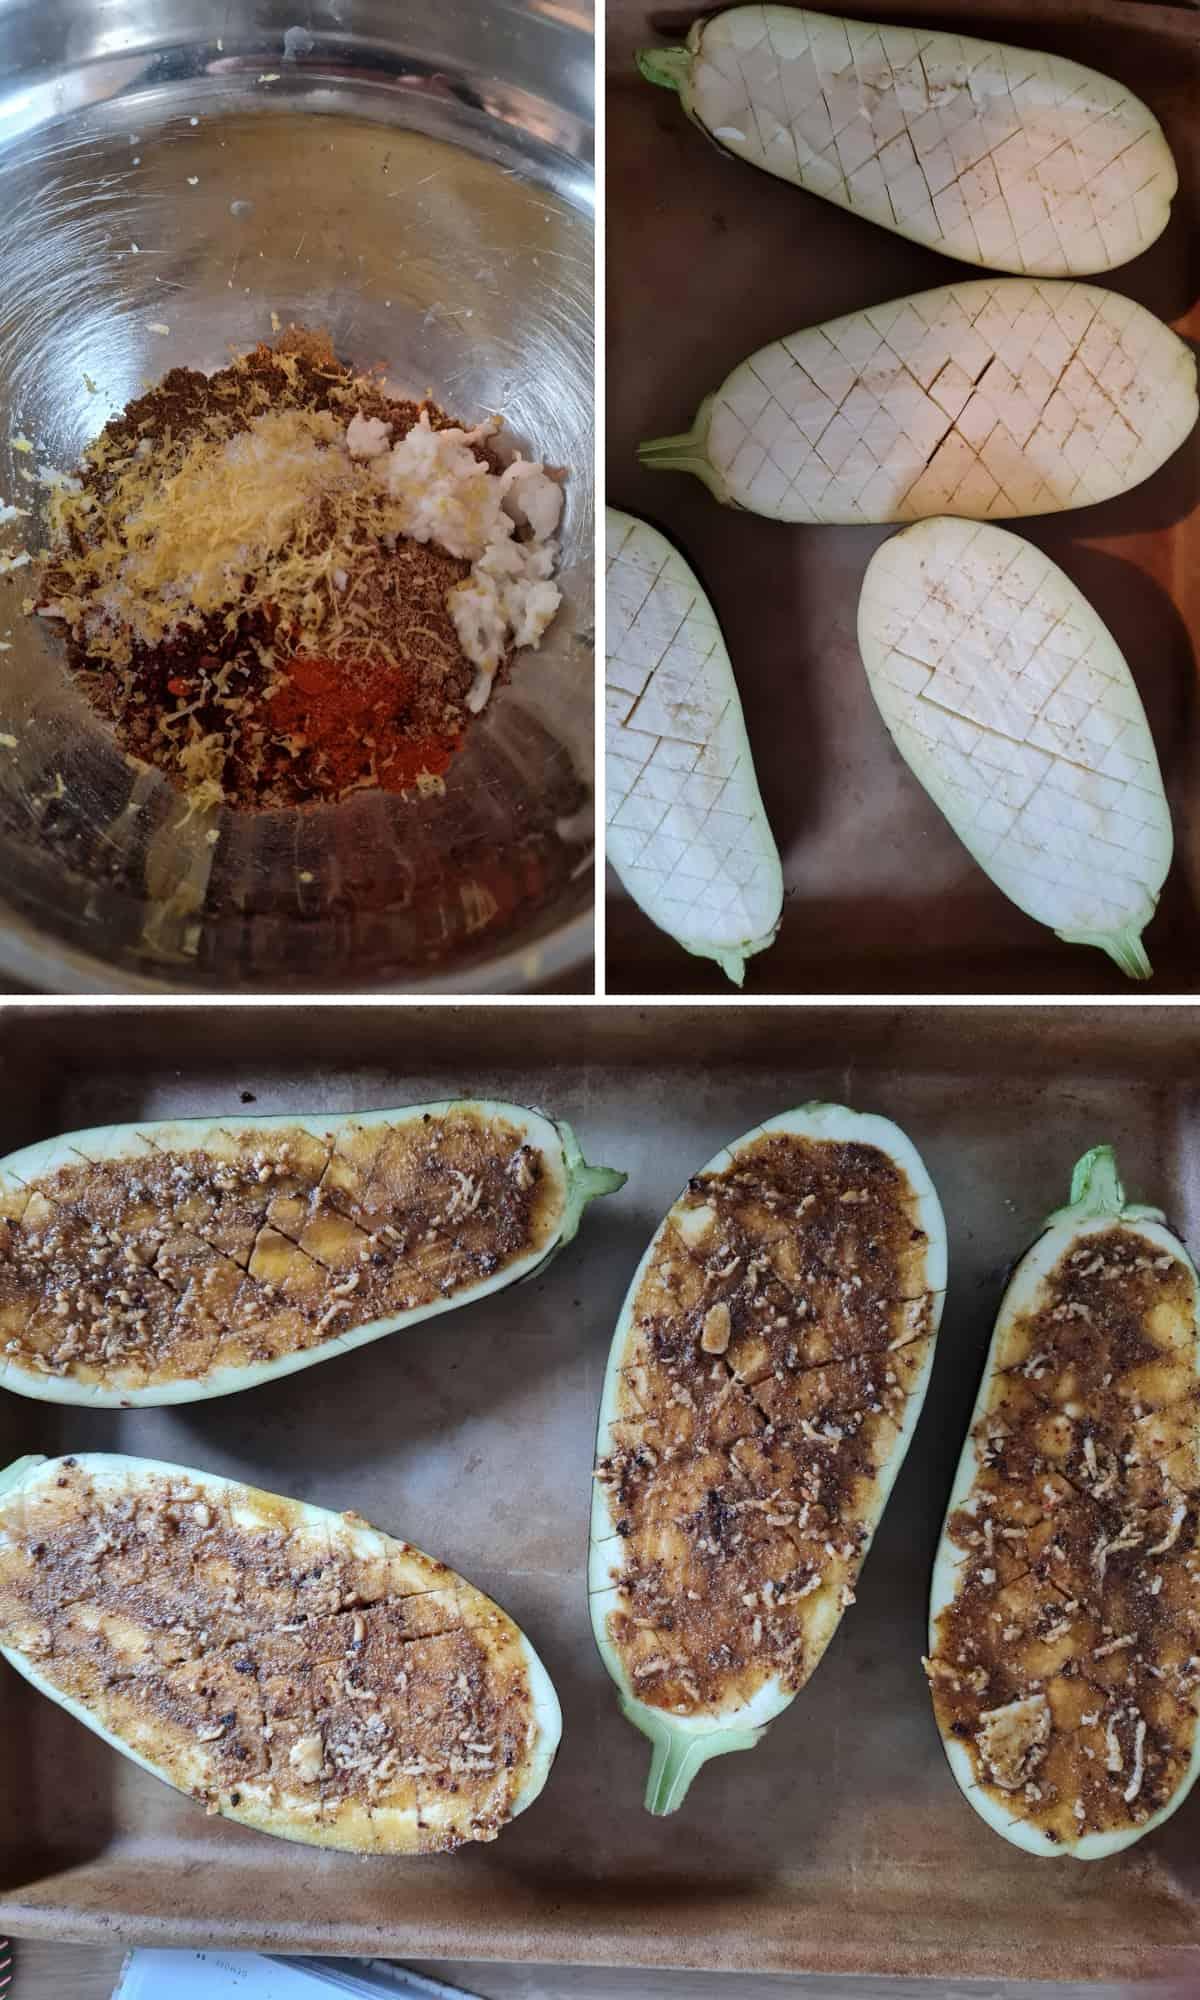 Drei Bilder der Zubereitungsschritte für gebackene Aubergine als Collage